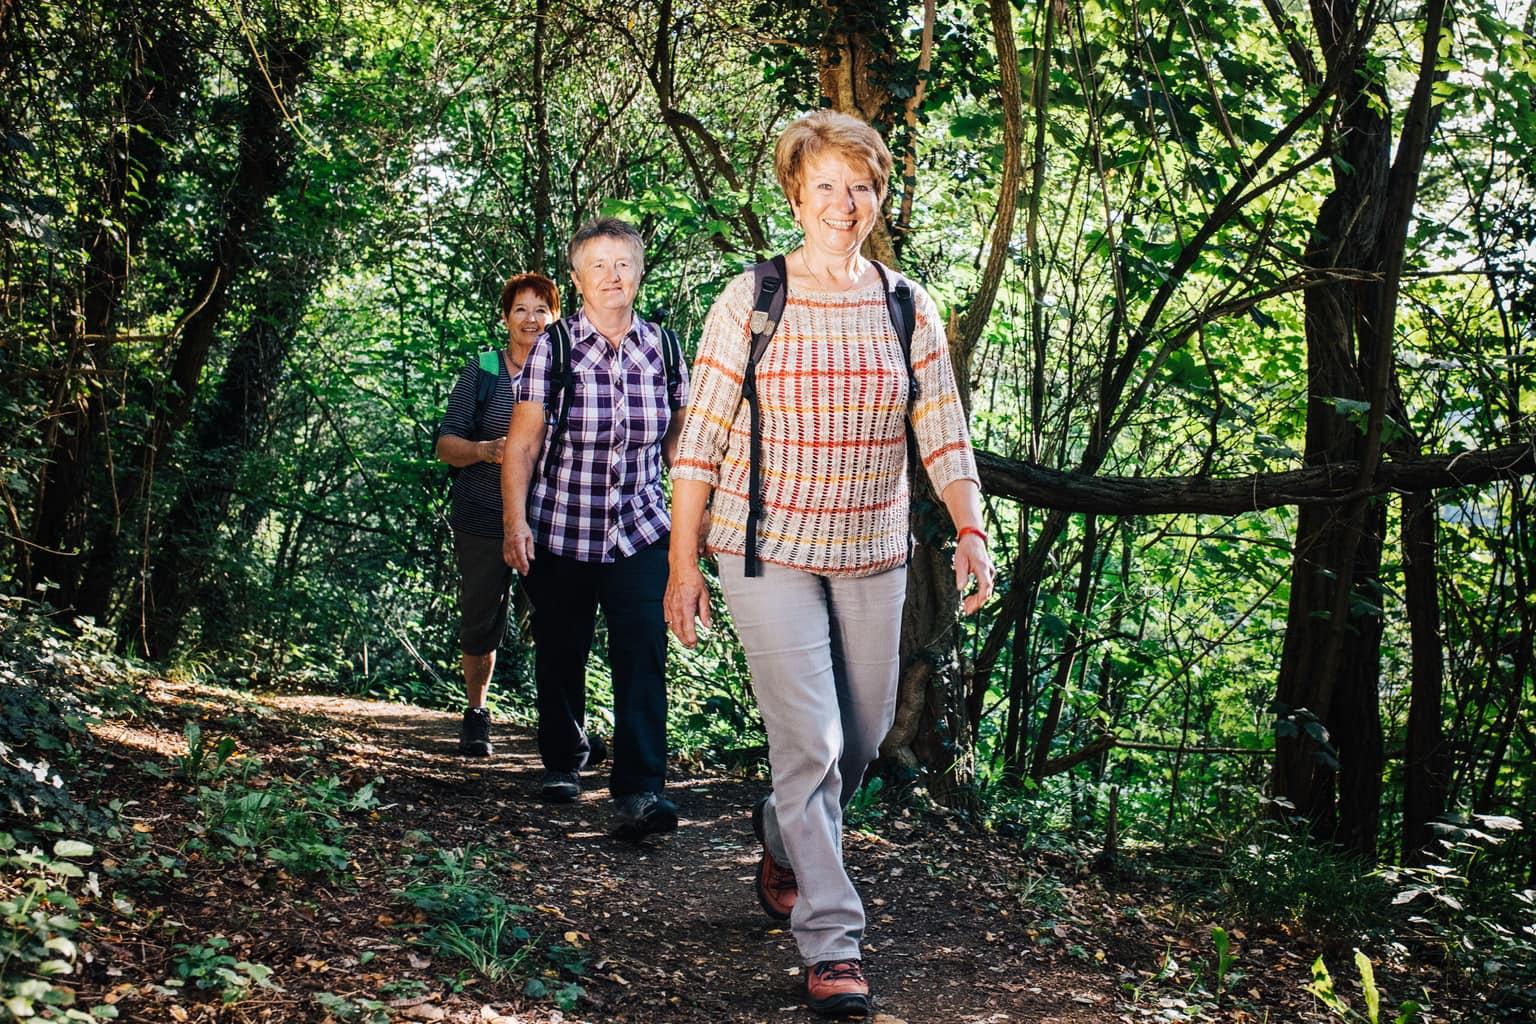 Wandelaars in een bos in de buurt van Linz